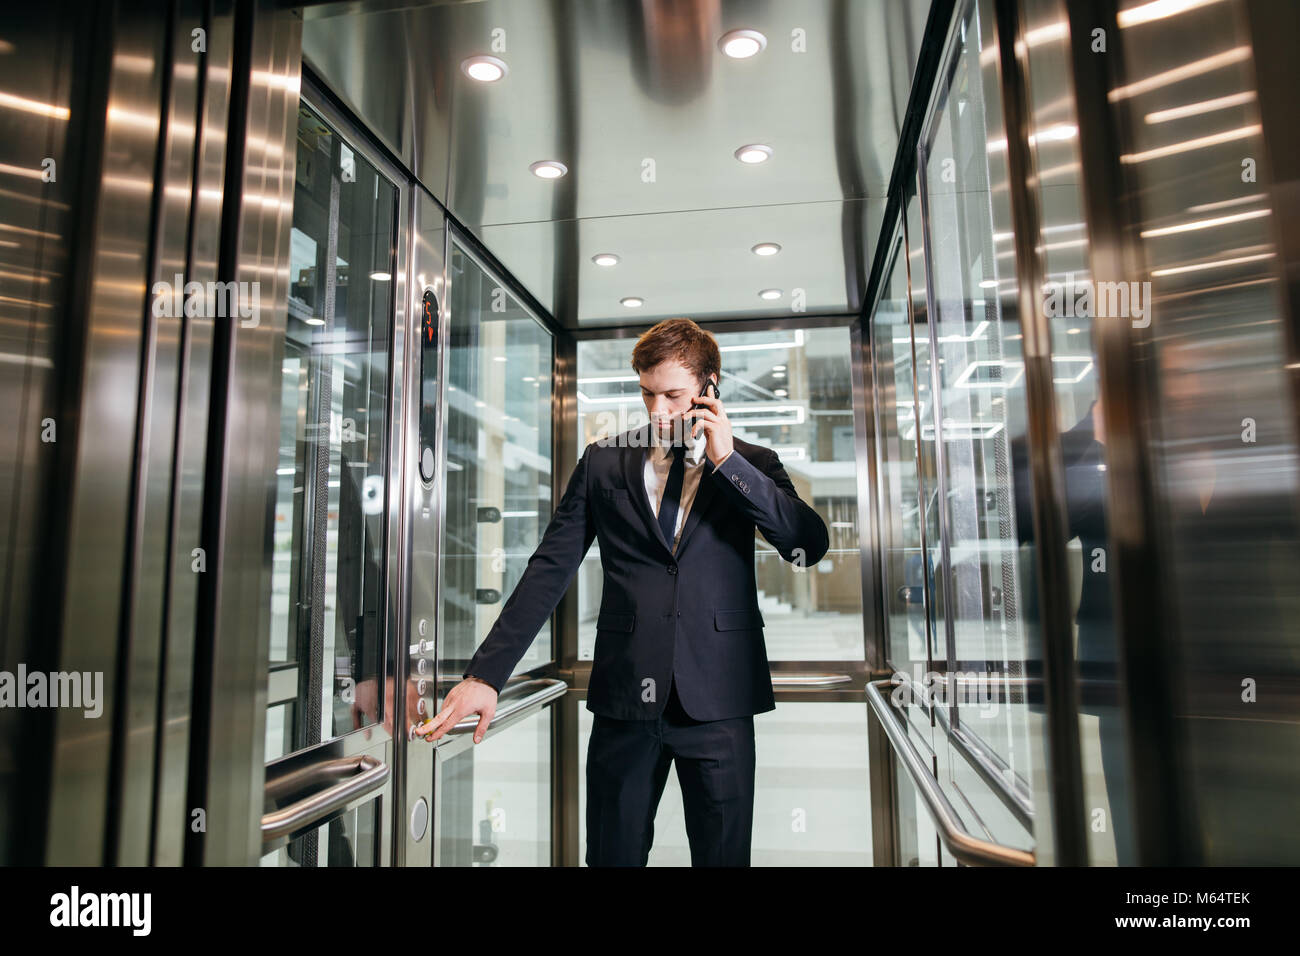 Business man walking mentre parlano al telefono mobile per il suo modo di lavorare Immagini Stock